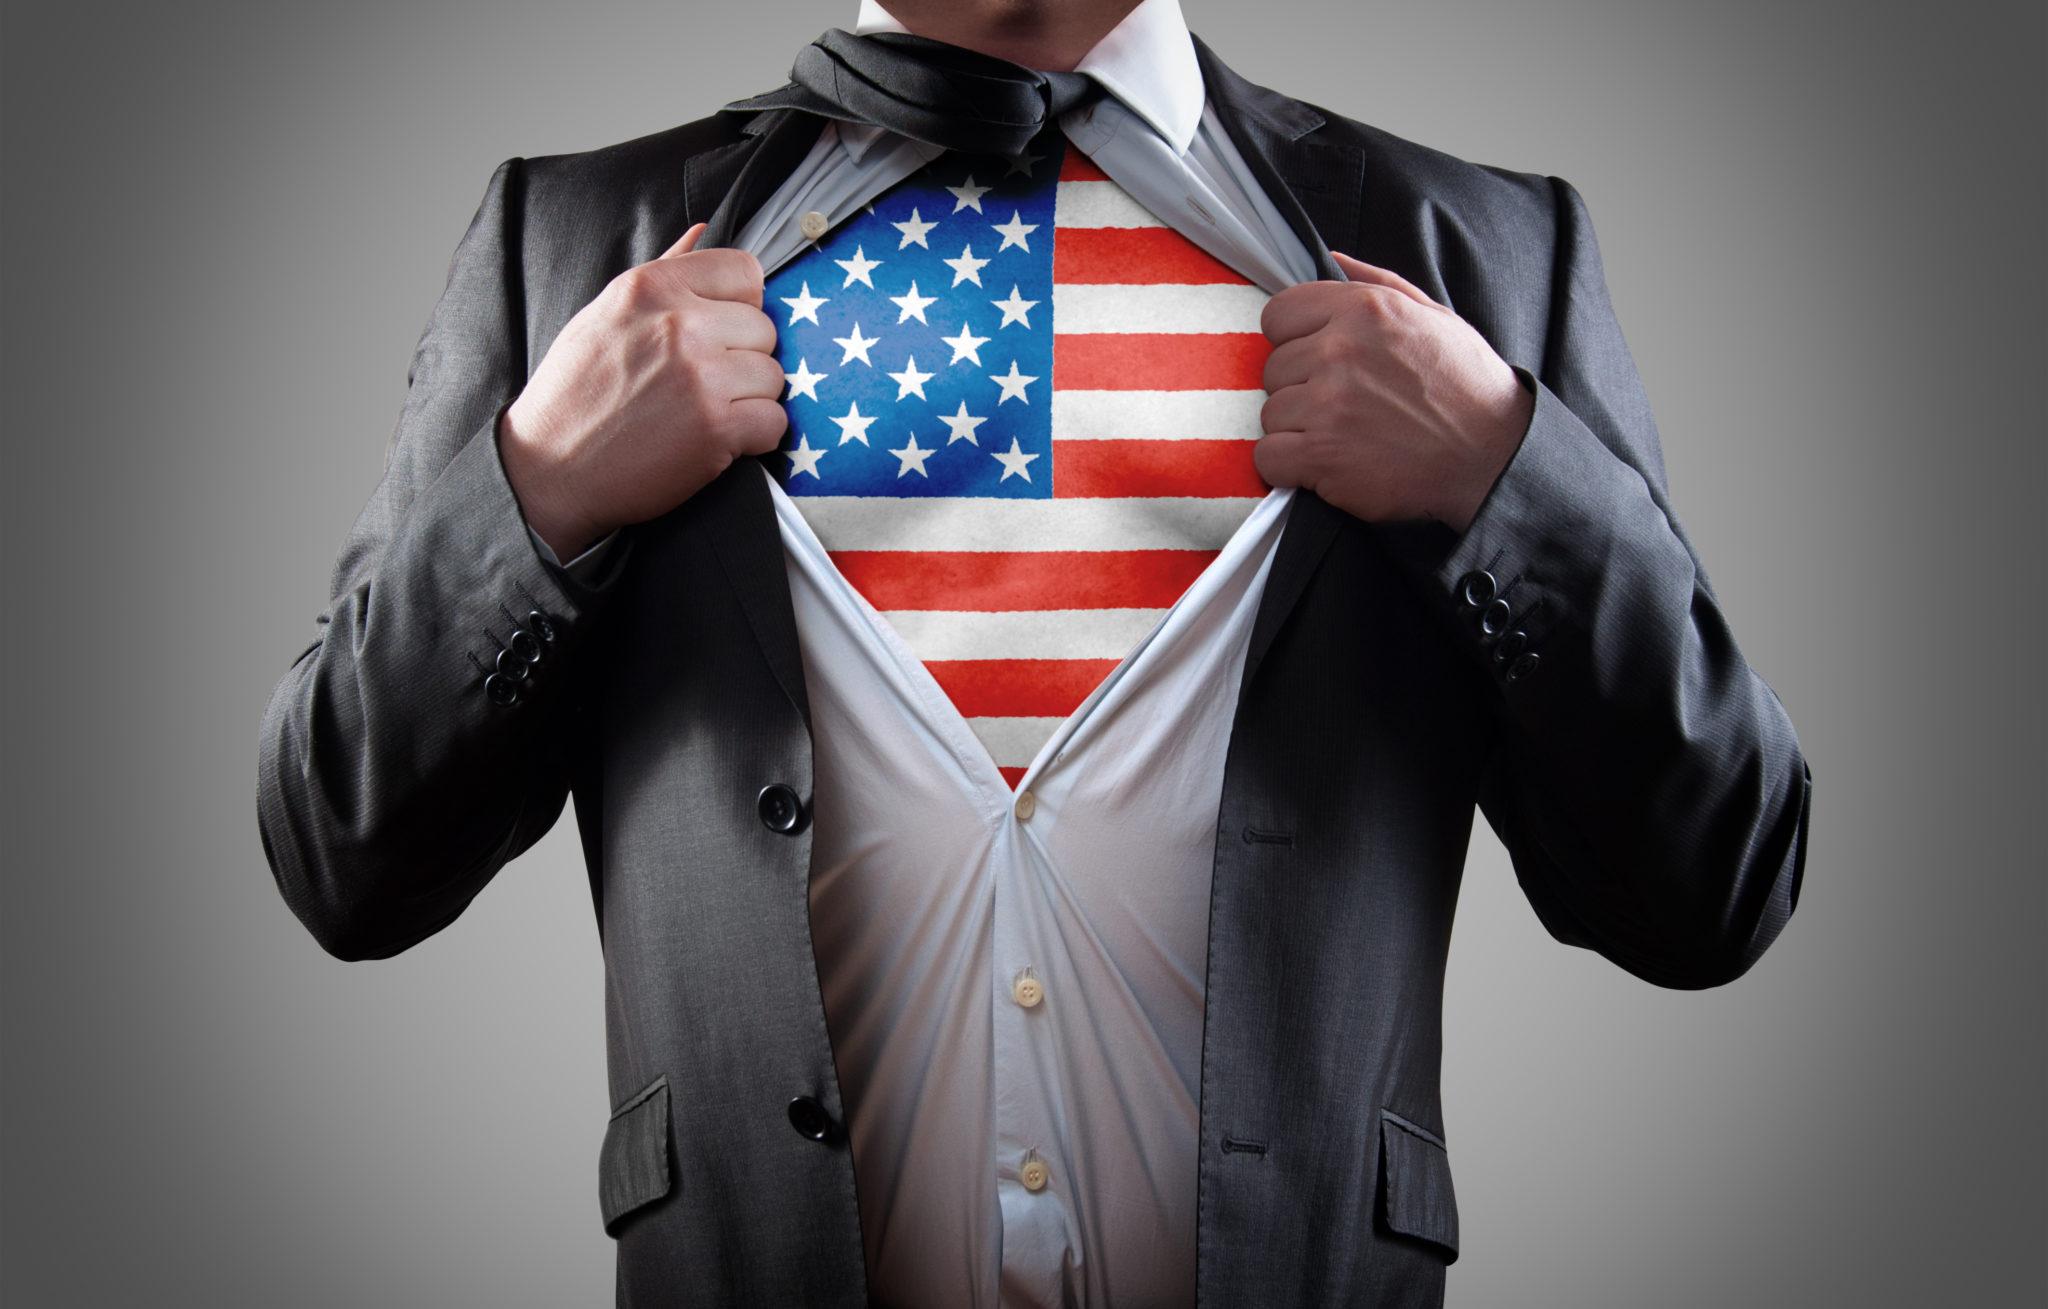 Entrepreneur Series: Funding Our Veteran Heroes with Mark Rockefeller of StreetShares, Inc.